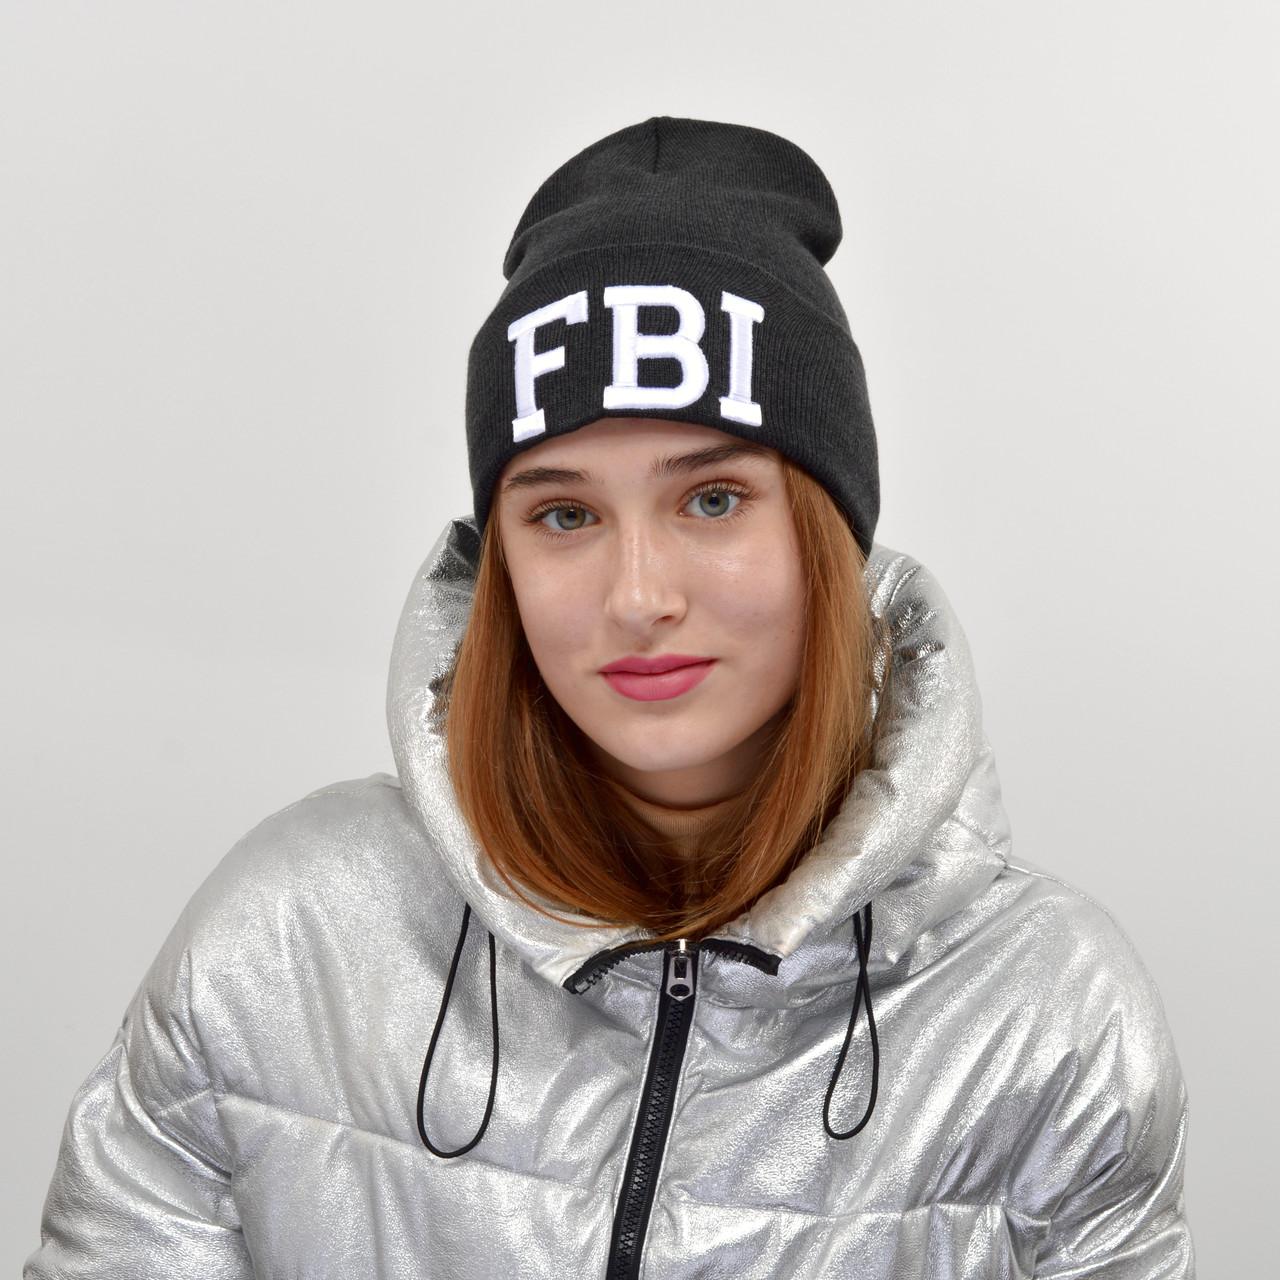 Шапка хлопковая с большой вышивкой FBI темный серый